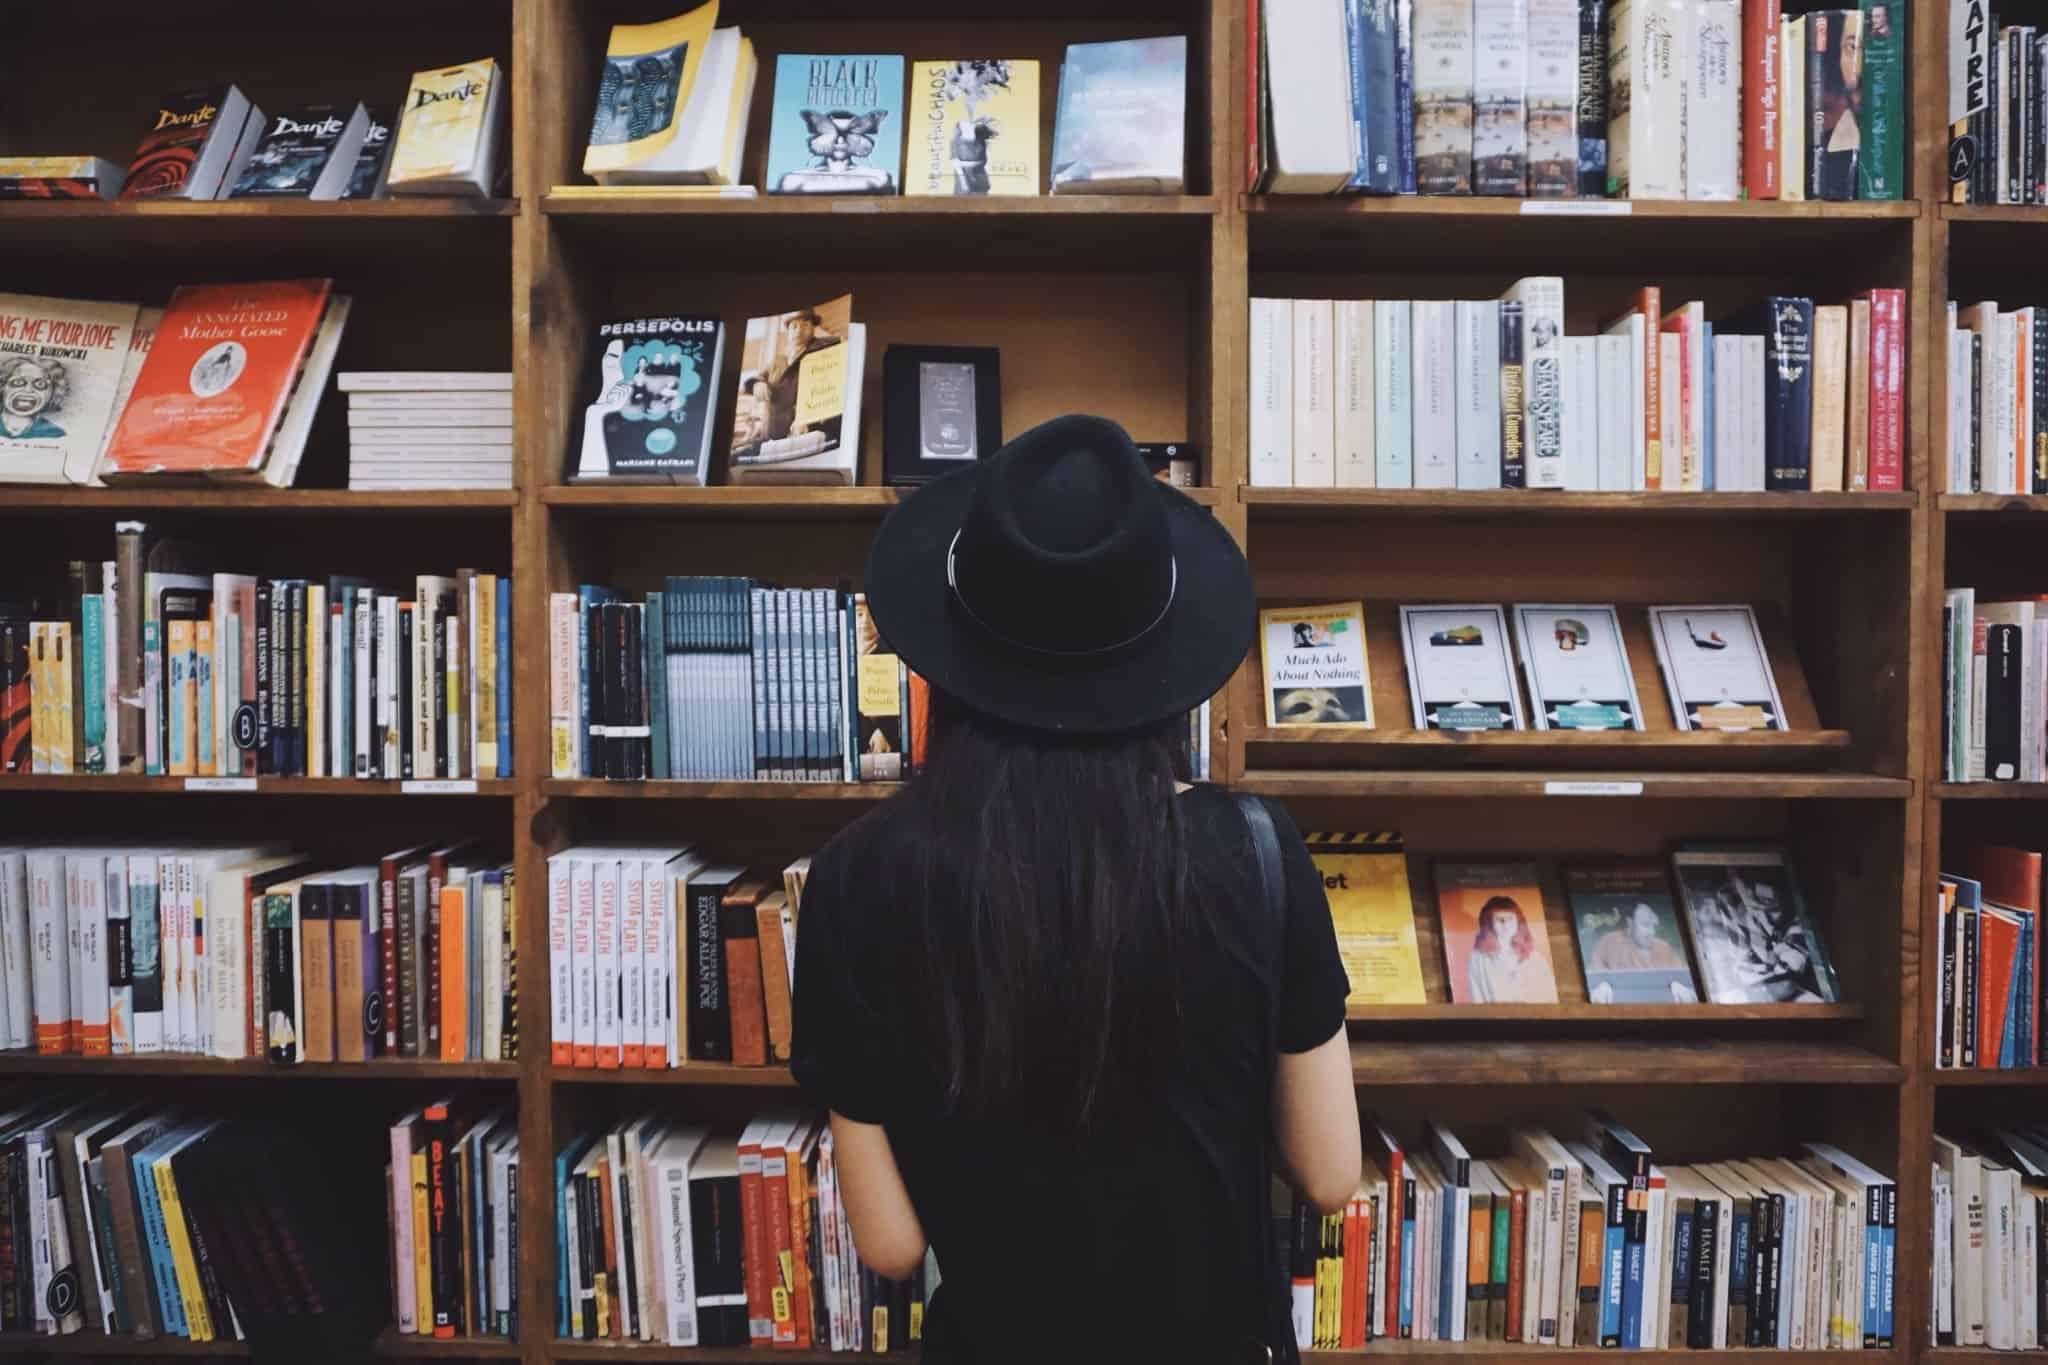 rapariga a olhar para estante de livros